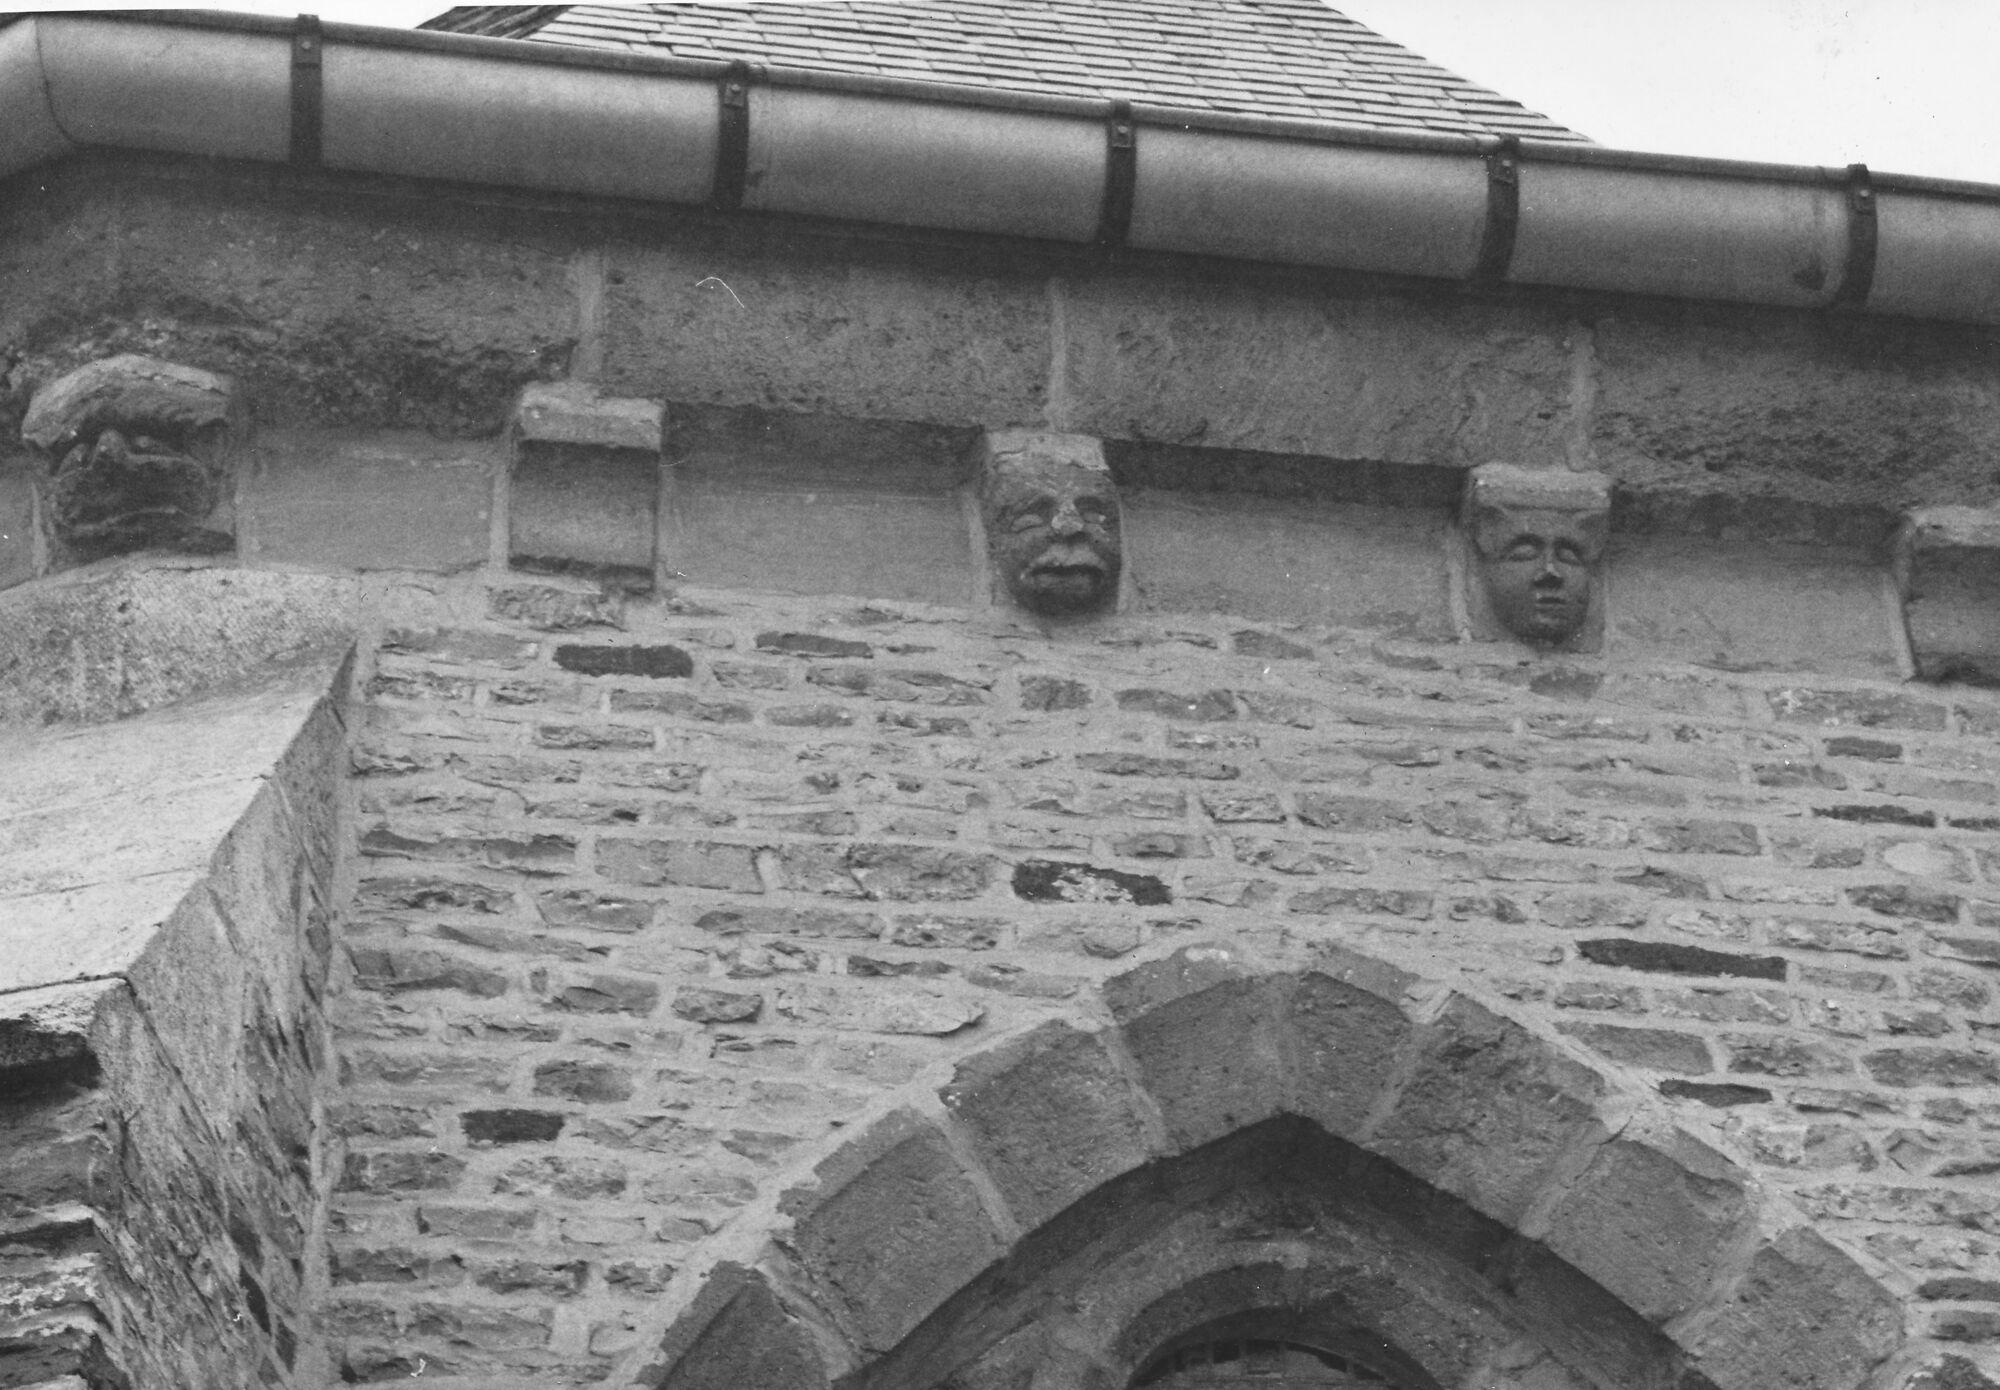 Buitenzijde kerk Deftinge